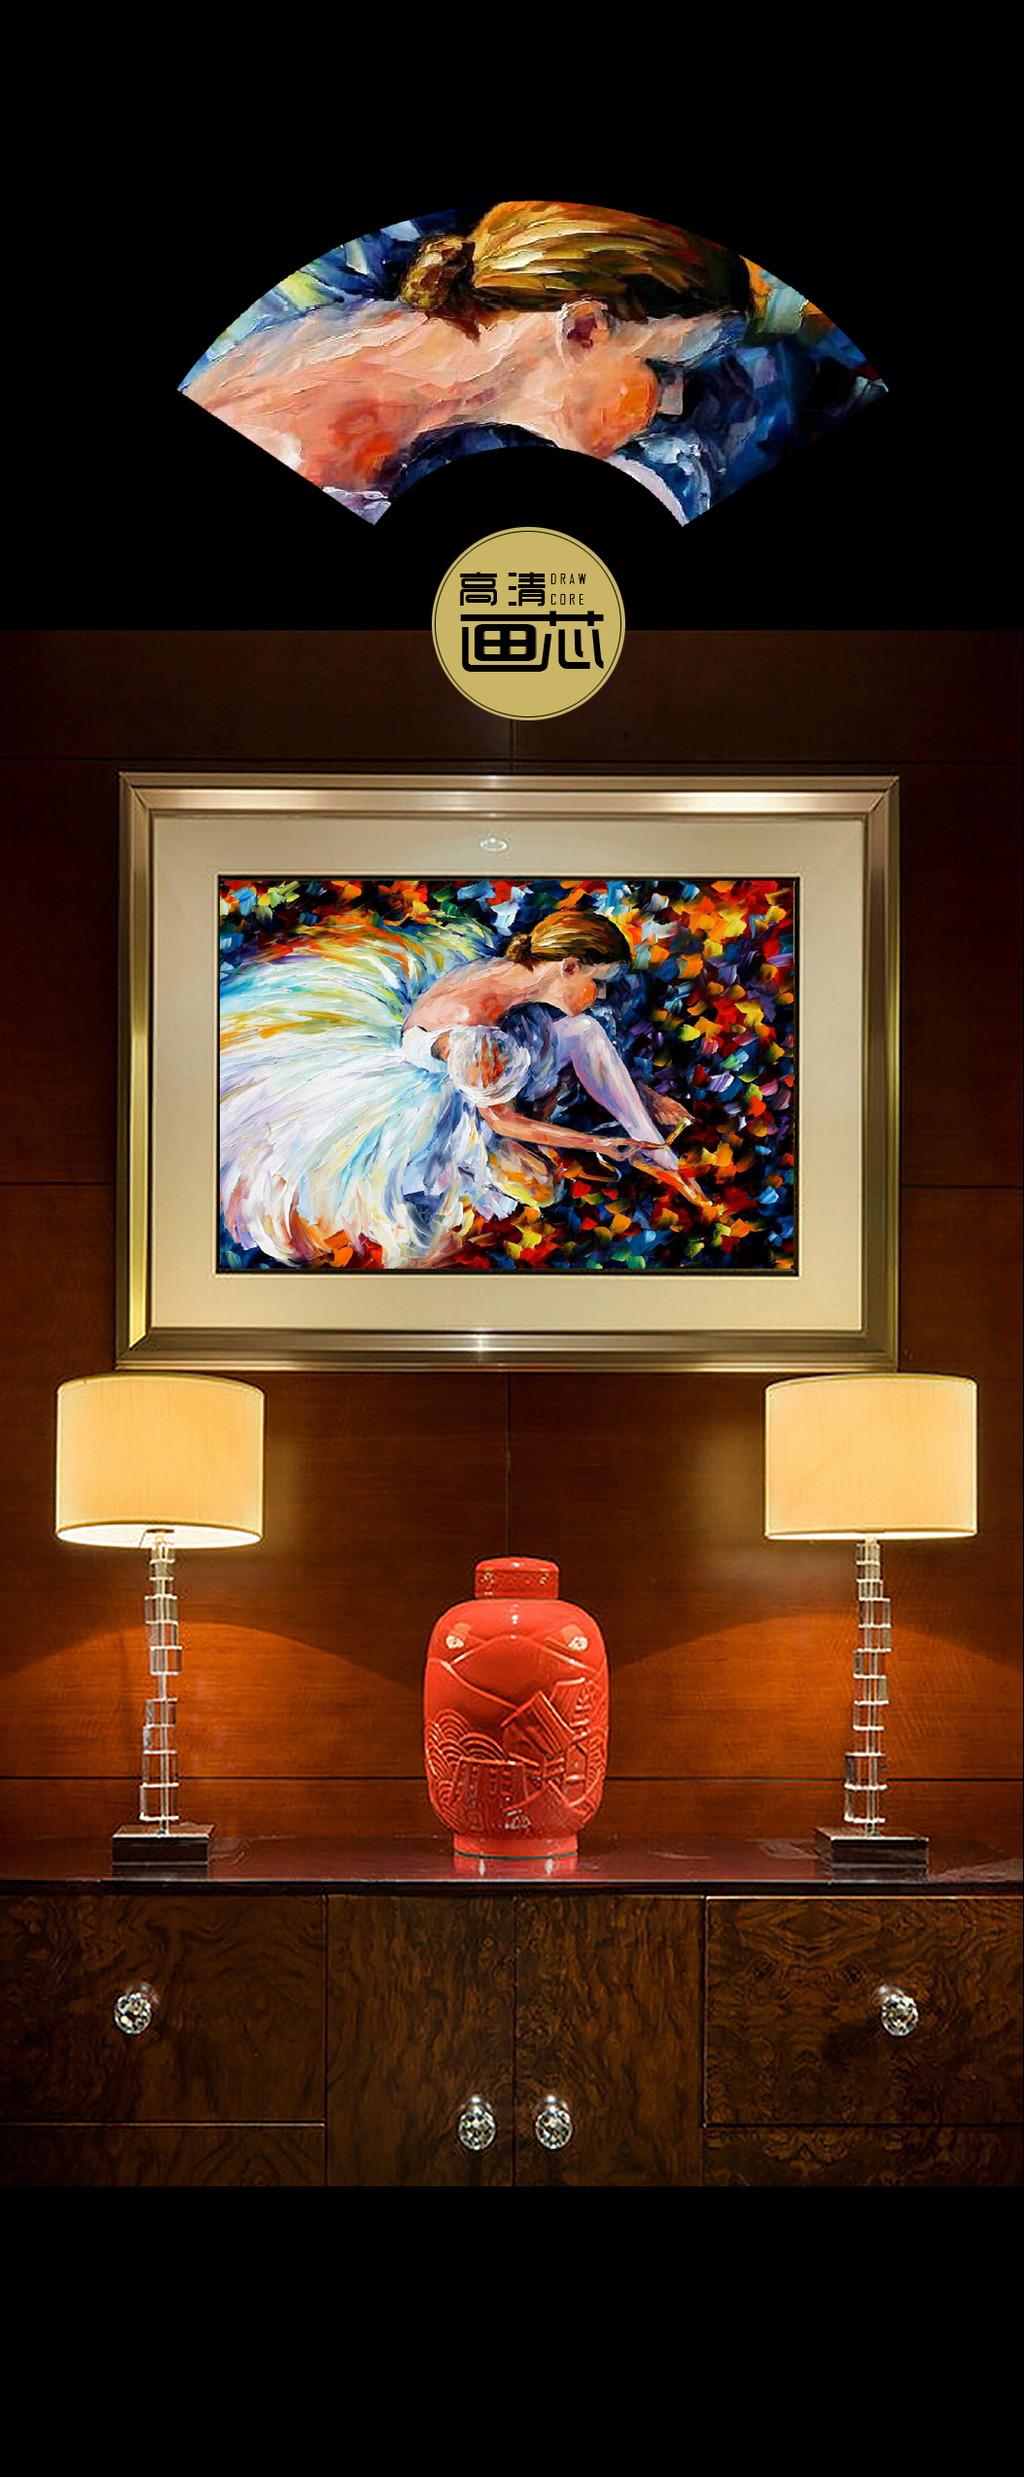 酒店现代芭蕾舞者油画手绘装饰画设计高清图片下载